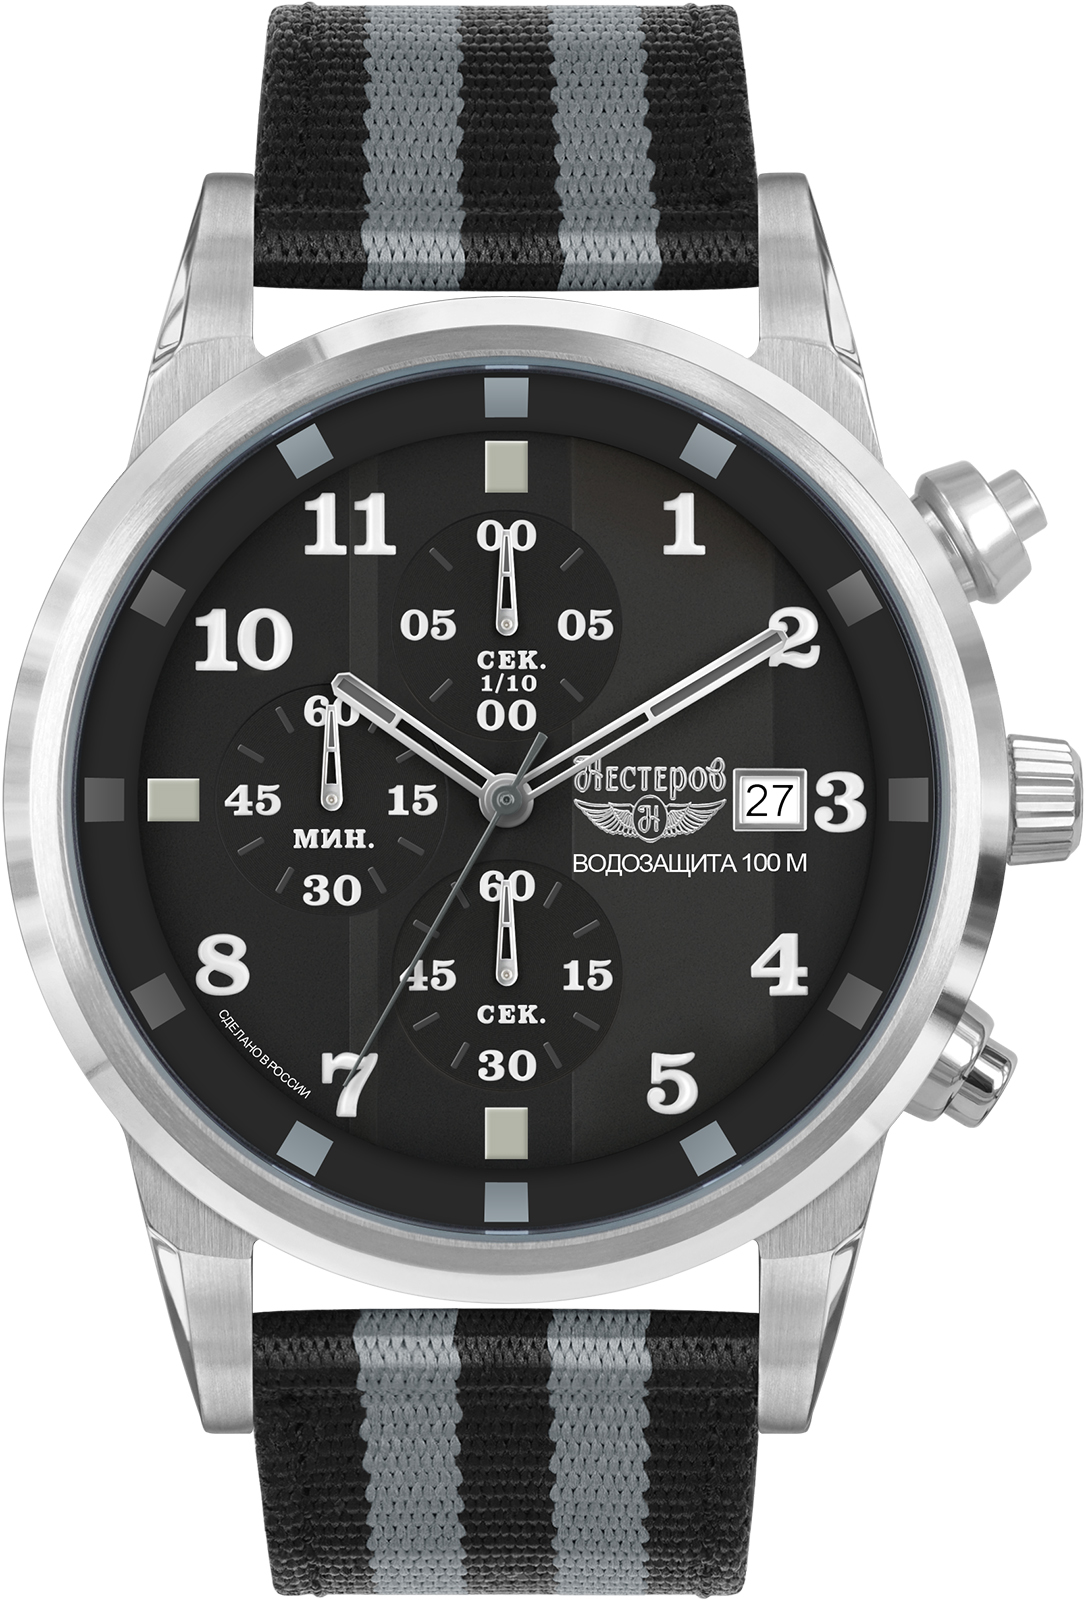 купить Наручные часы Нестеров H058902-175EK по цене 7469 рублей